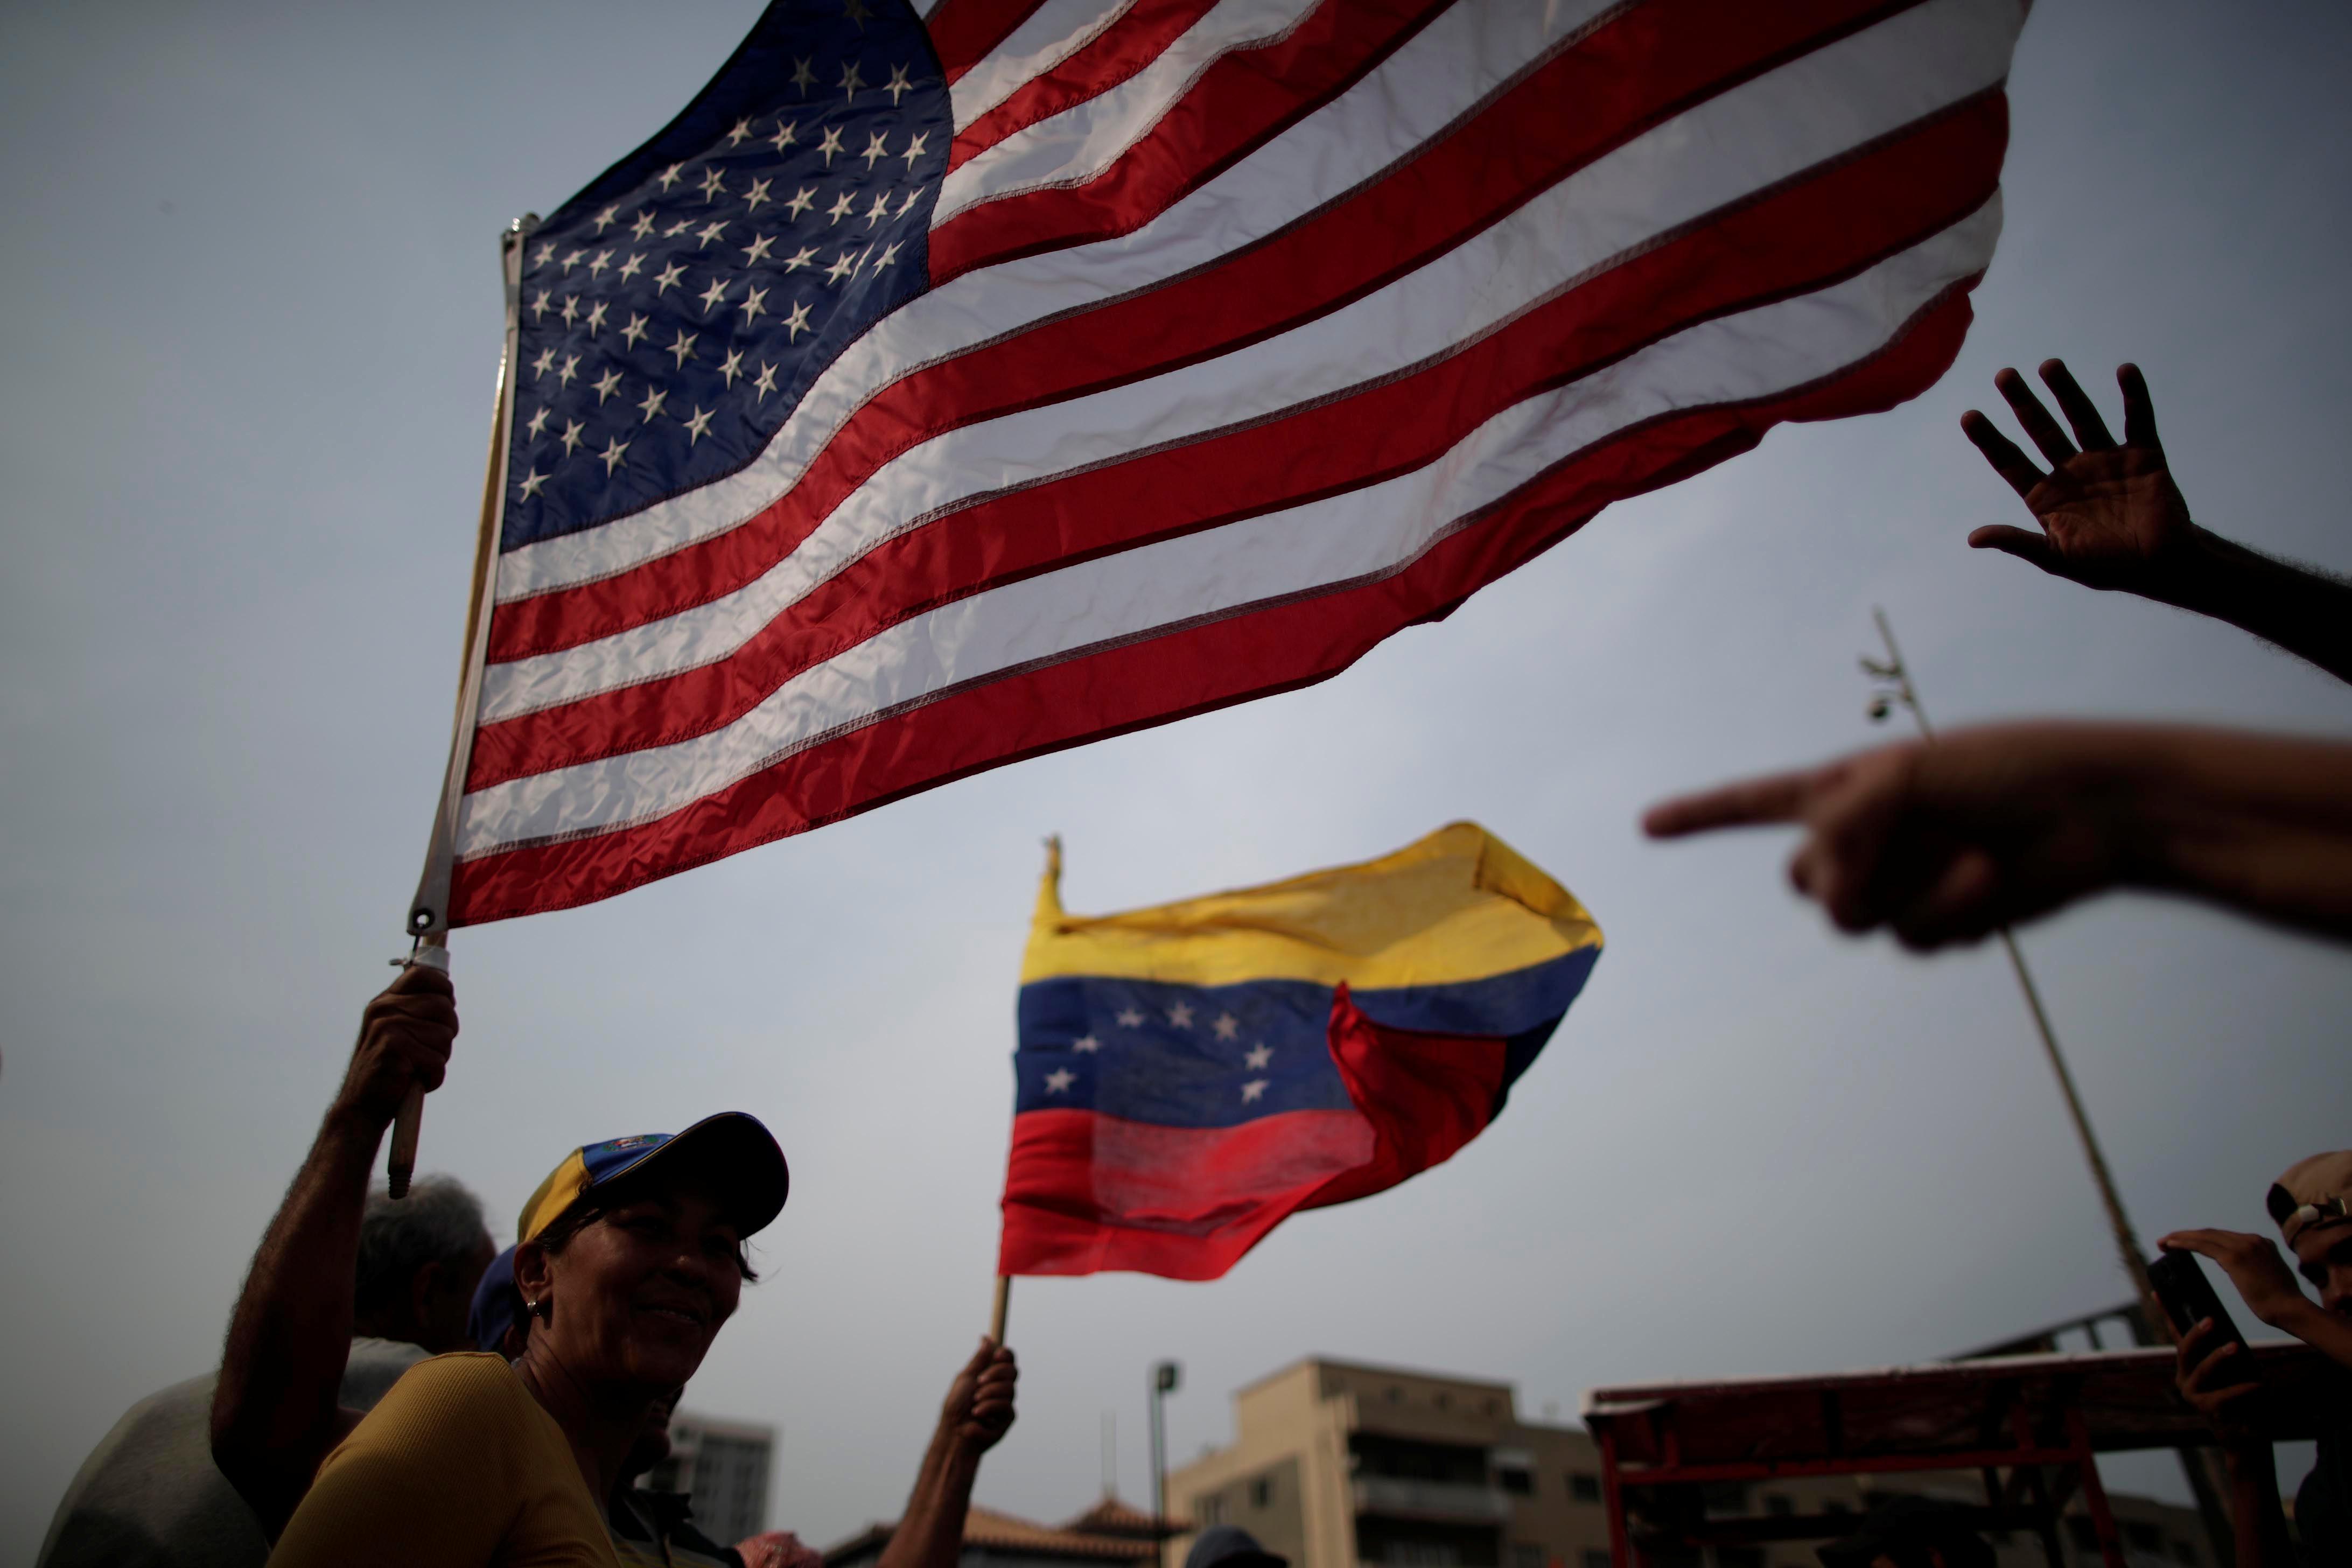 زعيم المعارضة الفنزويلية جوايدو يشارك في مظاهرة خلال زيارته لماراكايبو 11